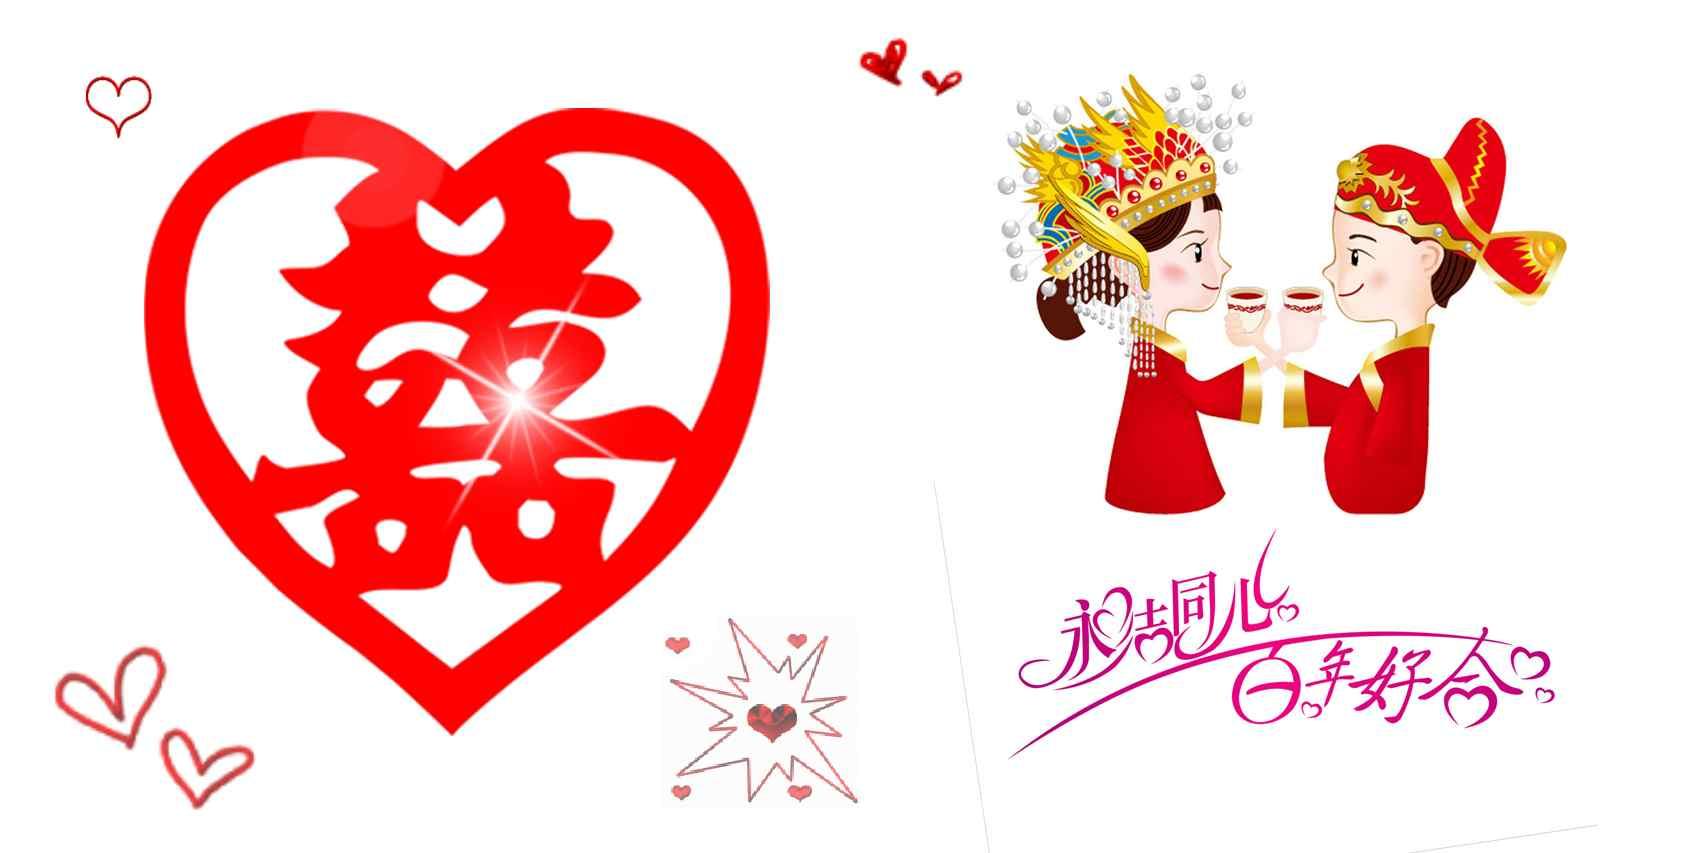 过生日求浪漫有创意的点子图片